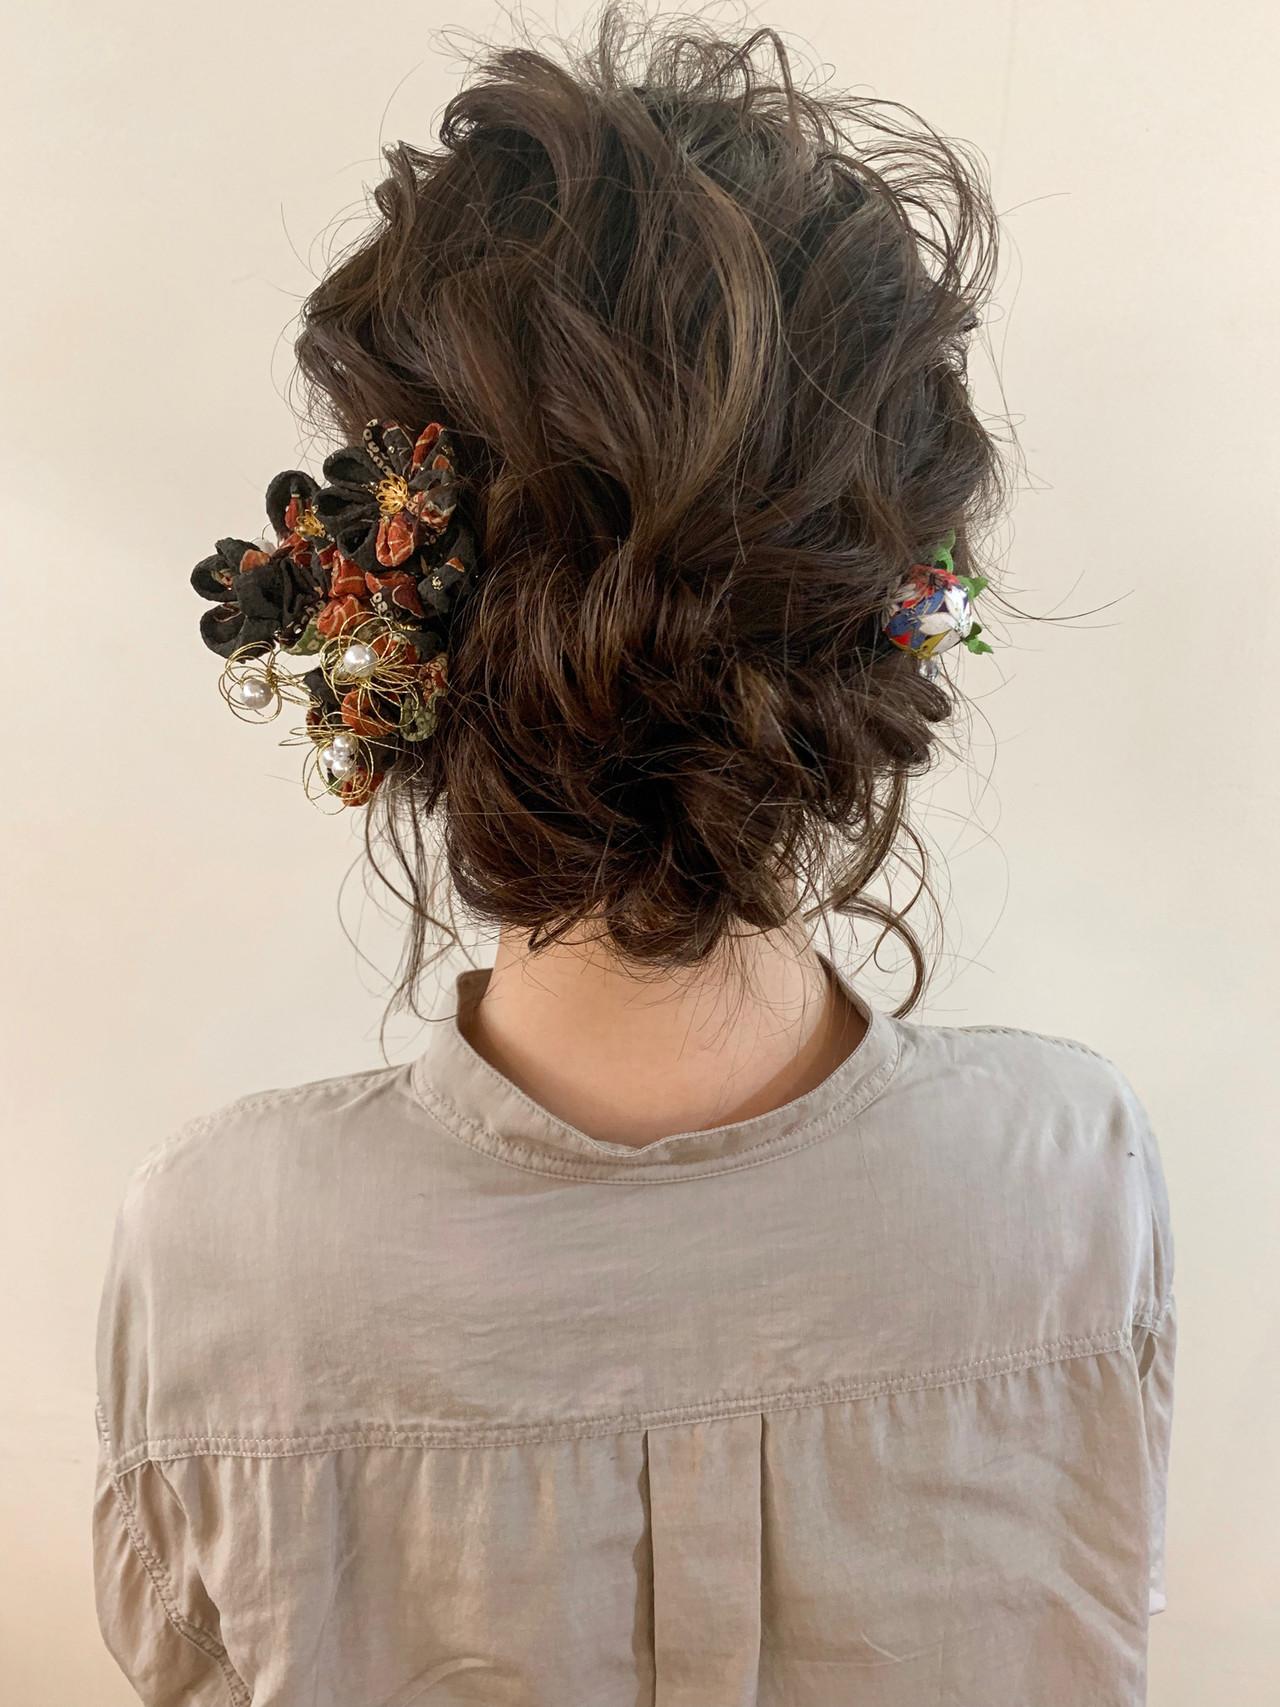 アンニュイほつれヘア ナチュラル セミロング 大人かわいい ヘアスタイルや髪型の写真・画像